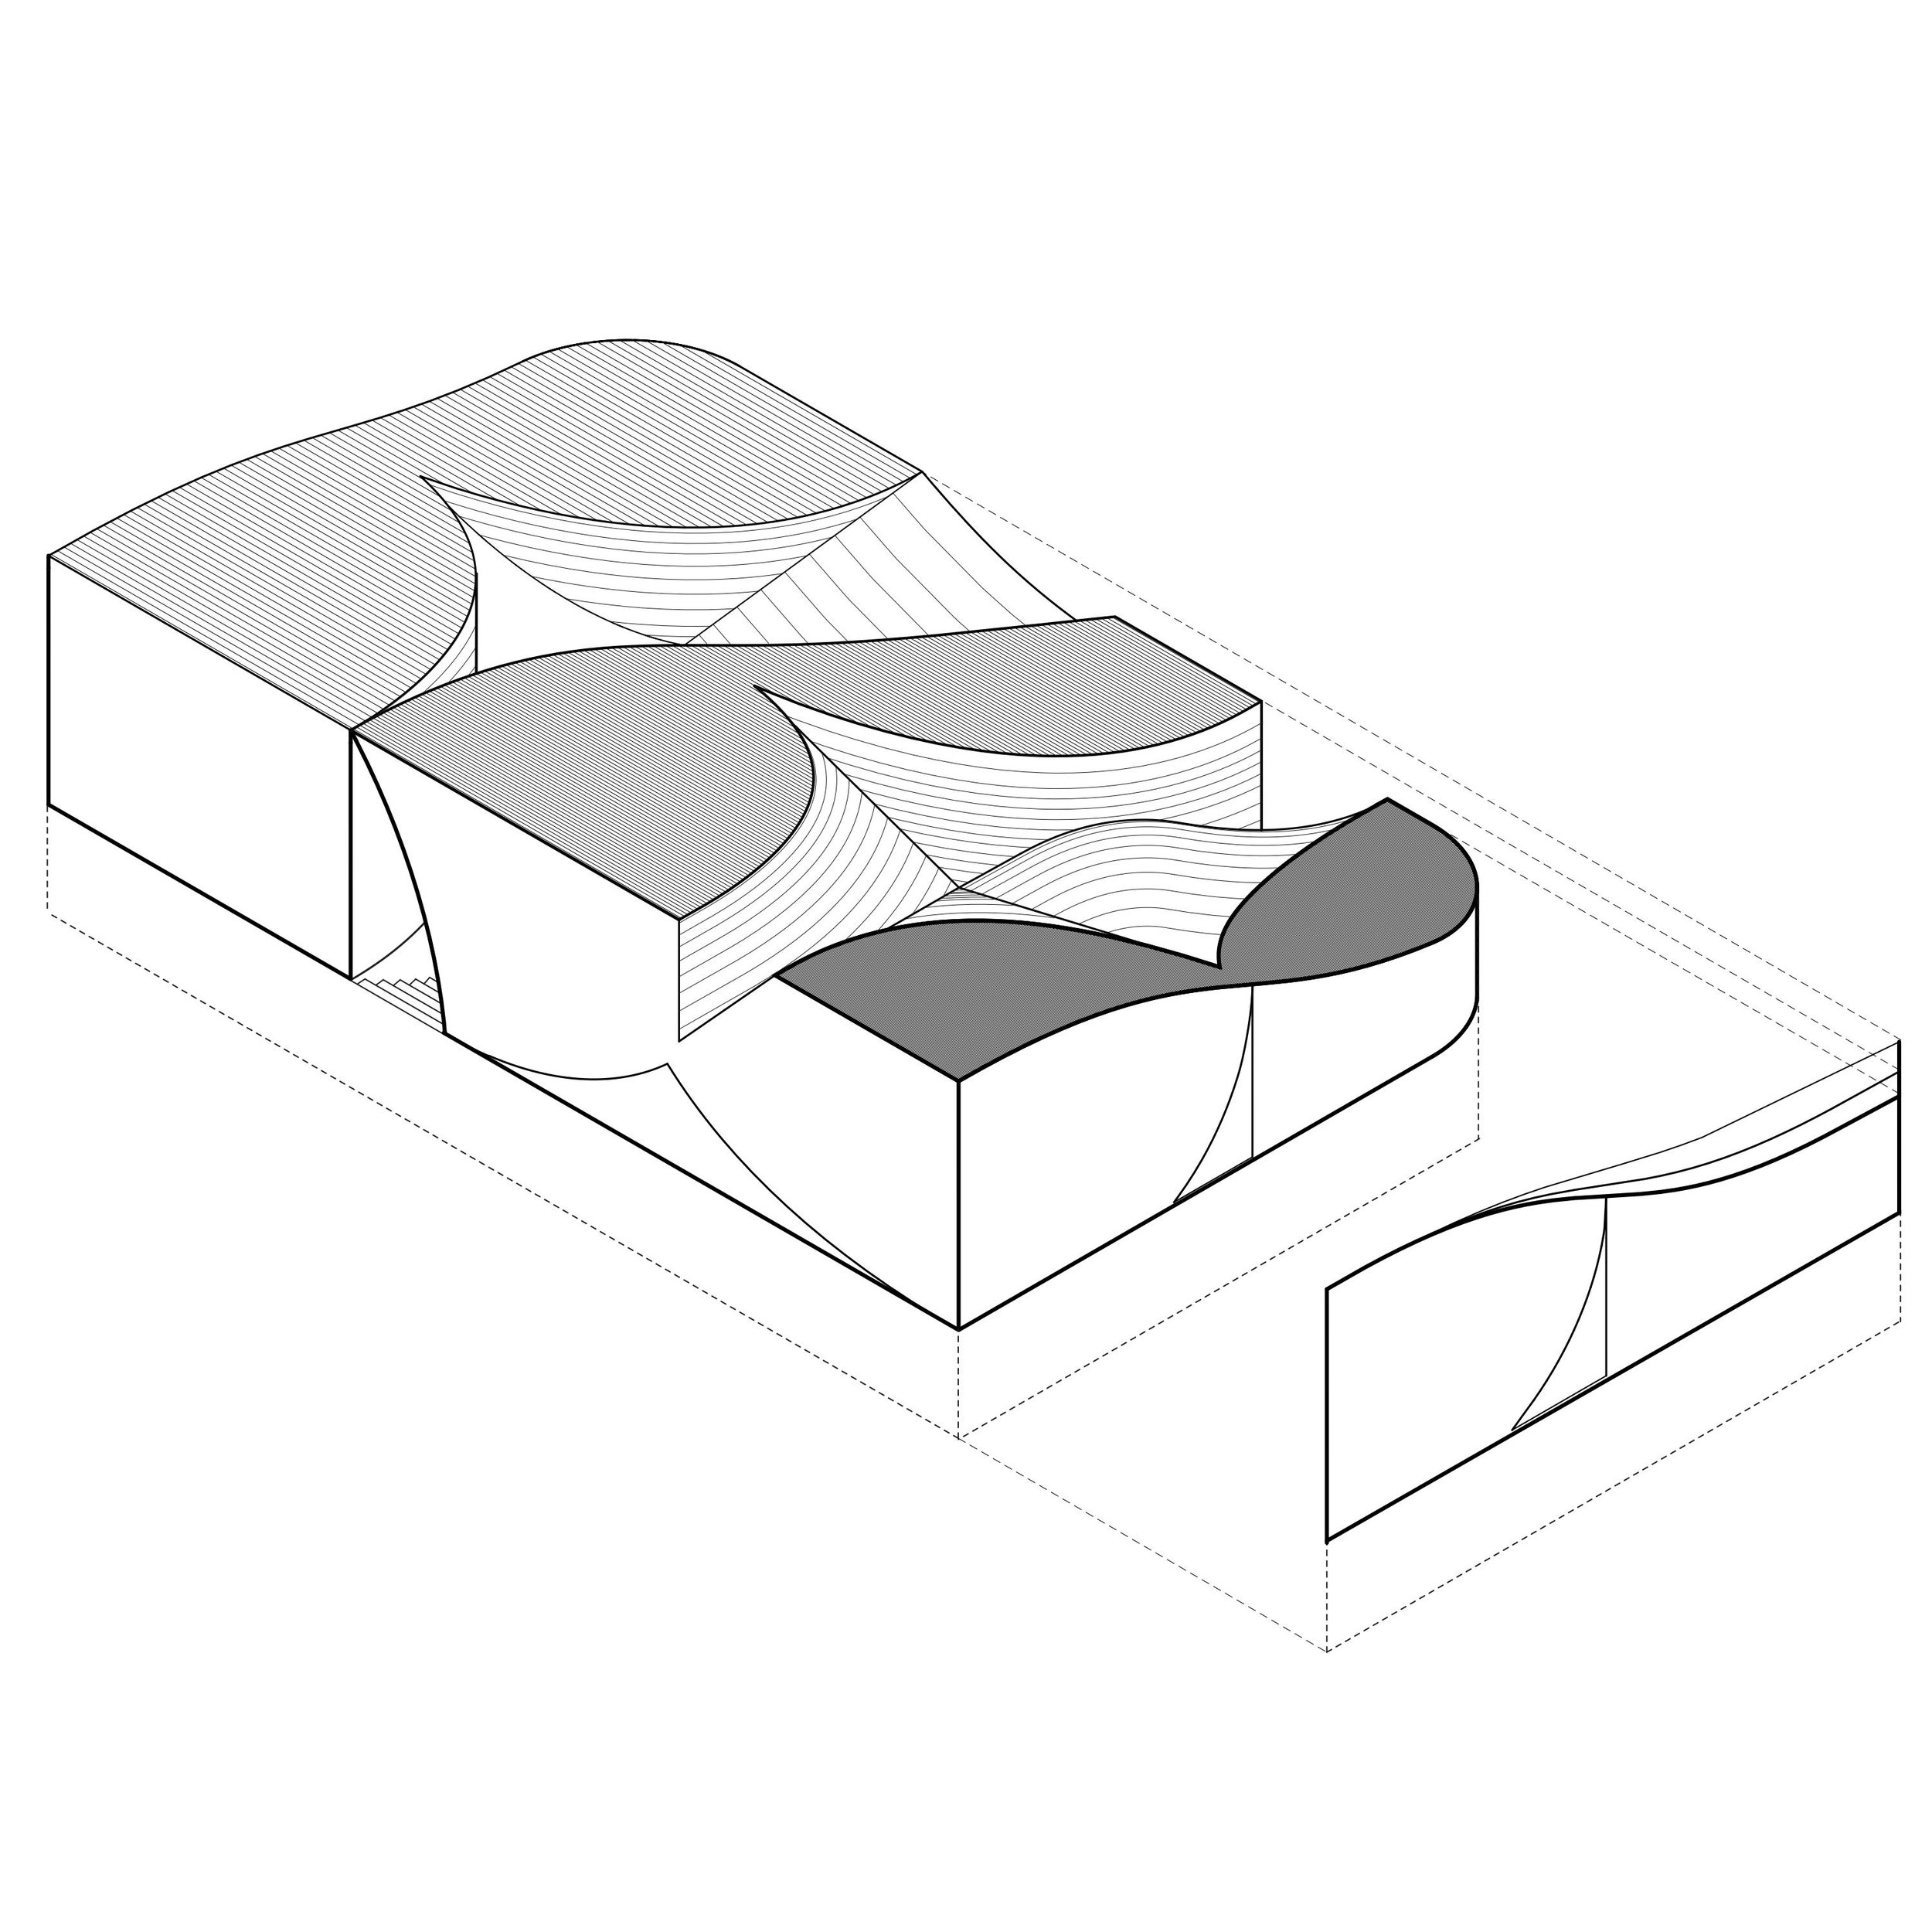 Spa Diagram 1.jpg